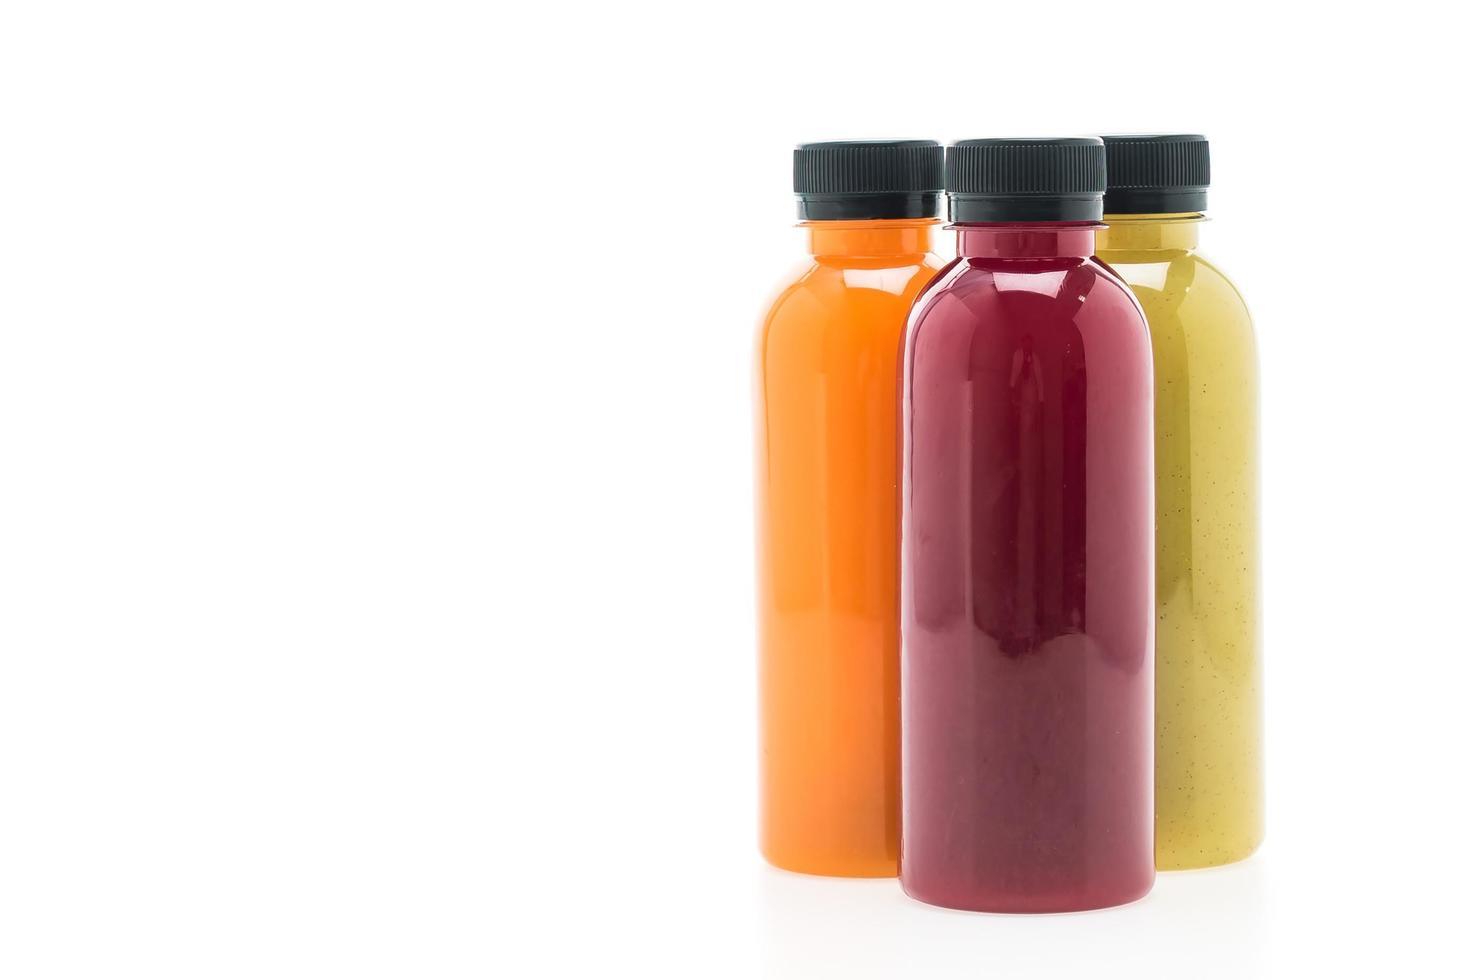 frukt- och grönsaksjuiceflaskor isolerad på vit bakgrund foto